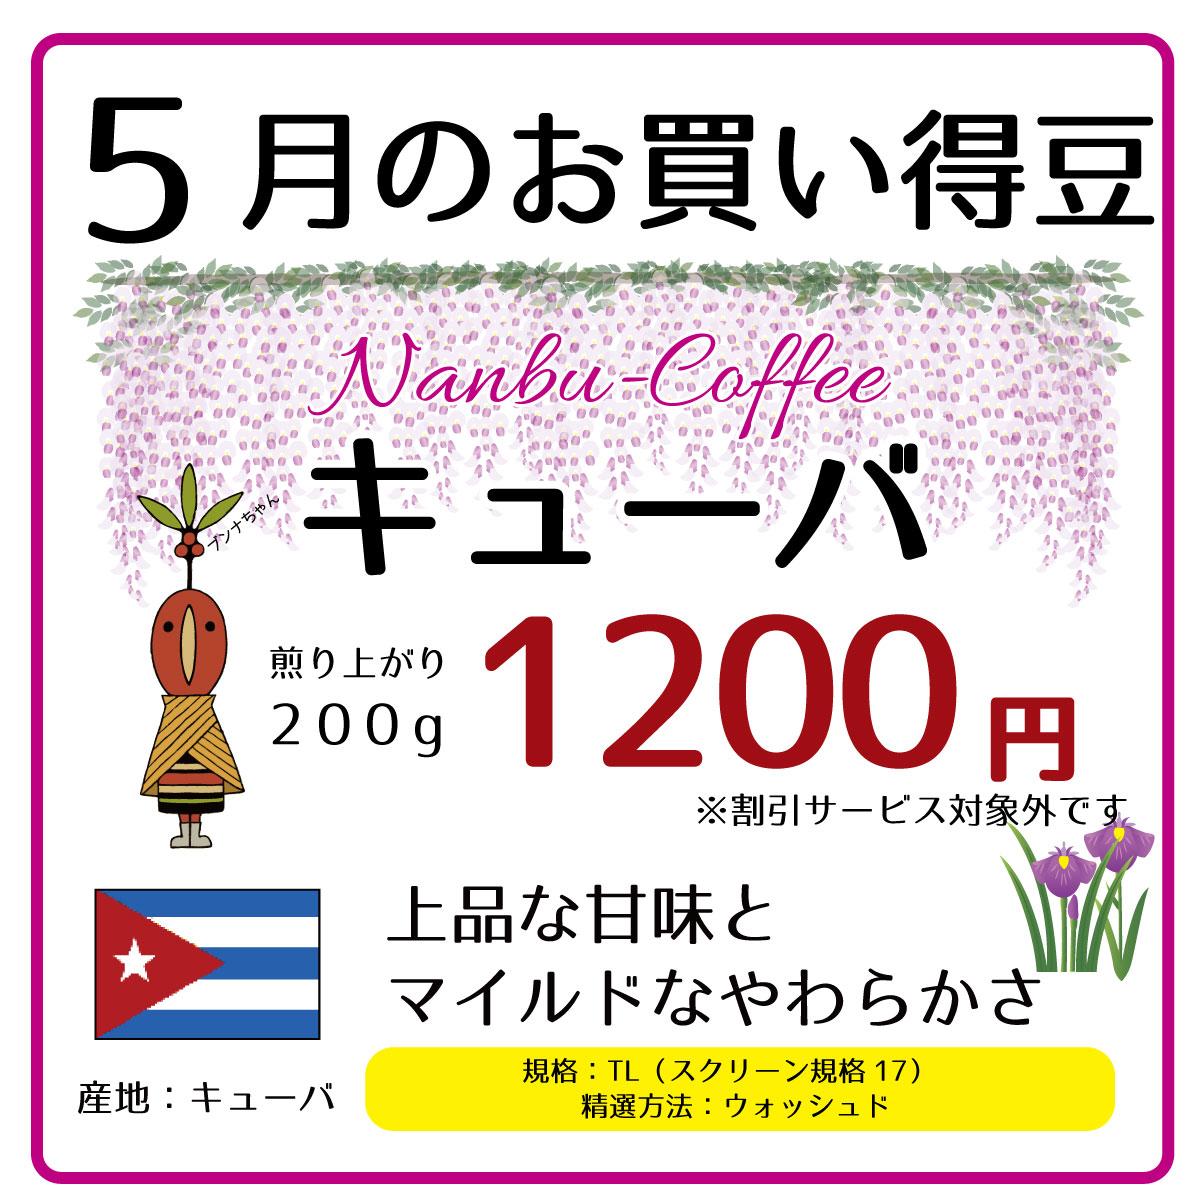 2021年5月のお買い得豆はキューバ